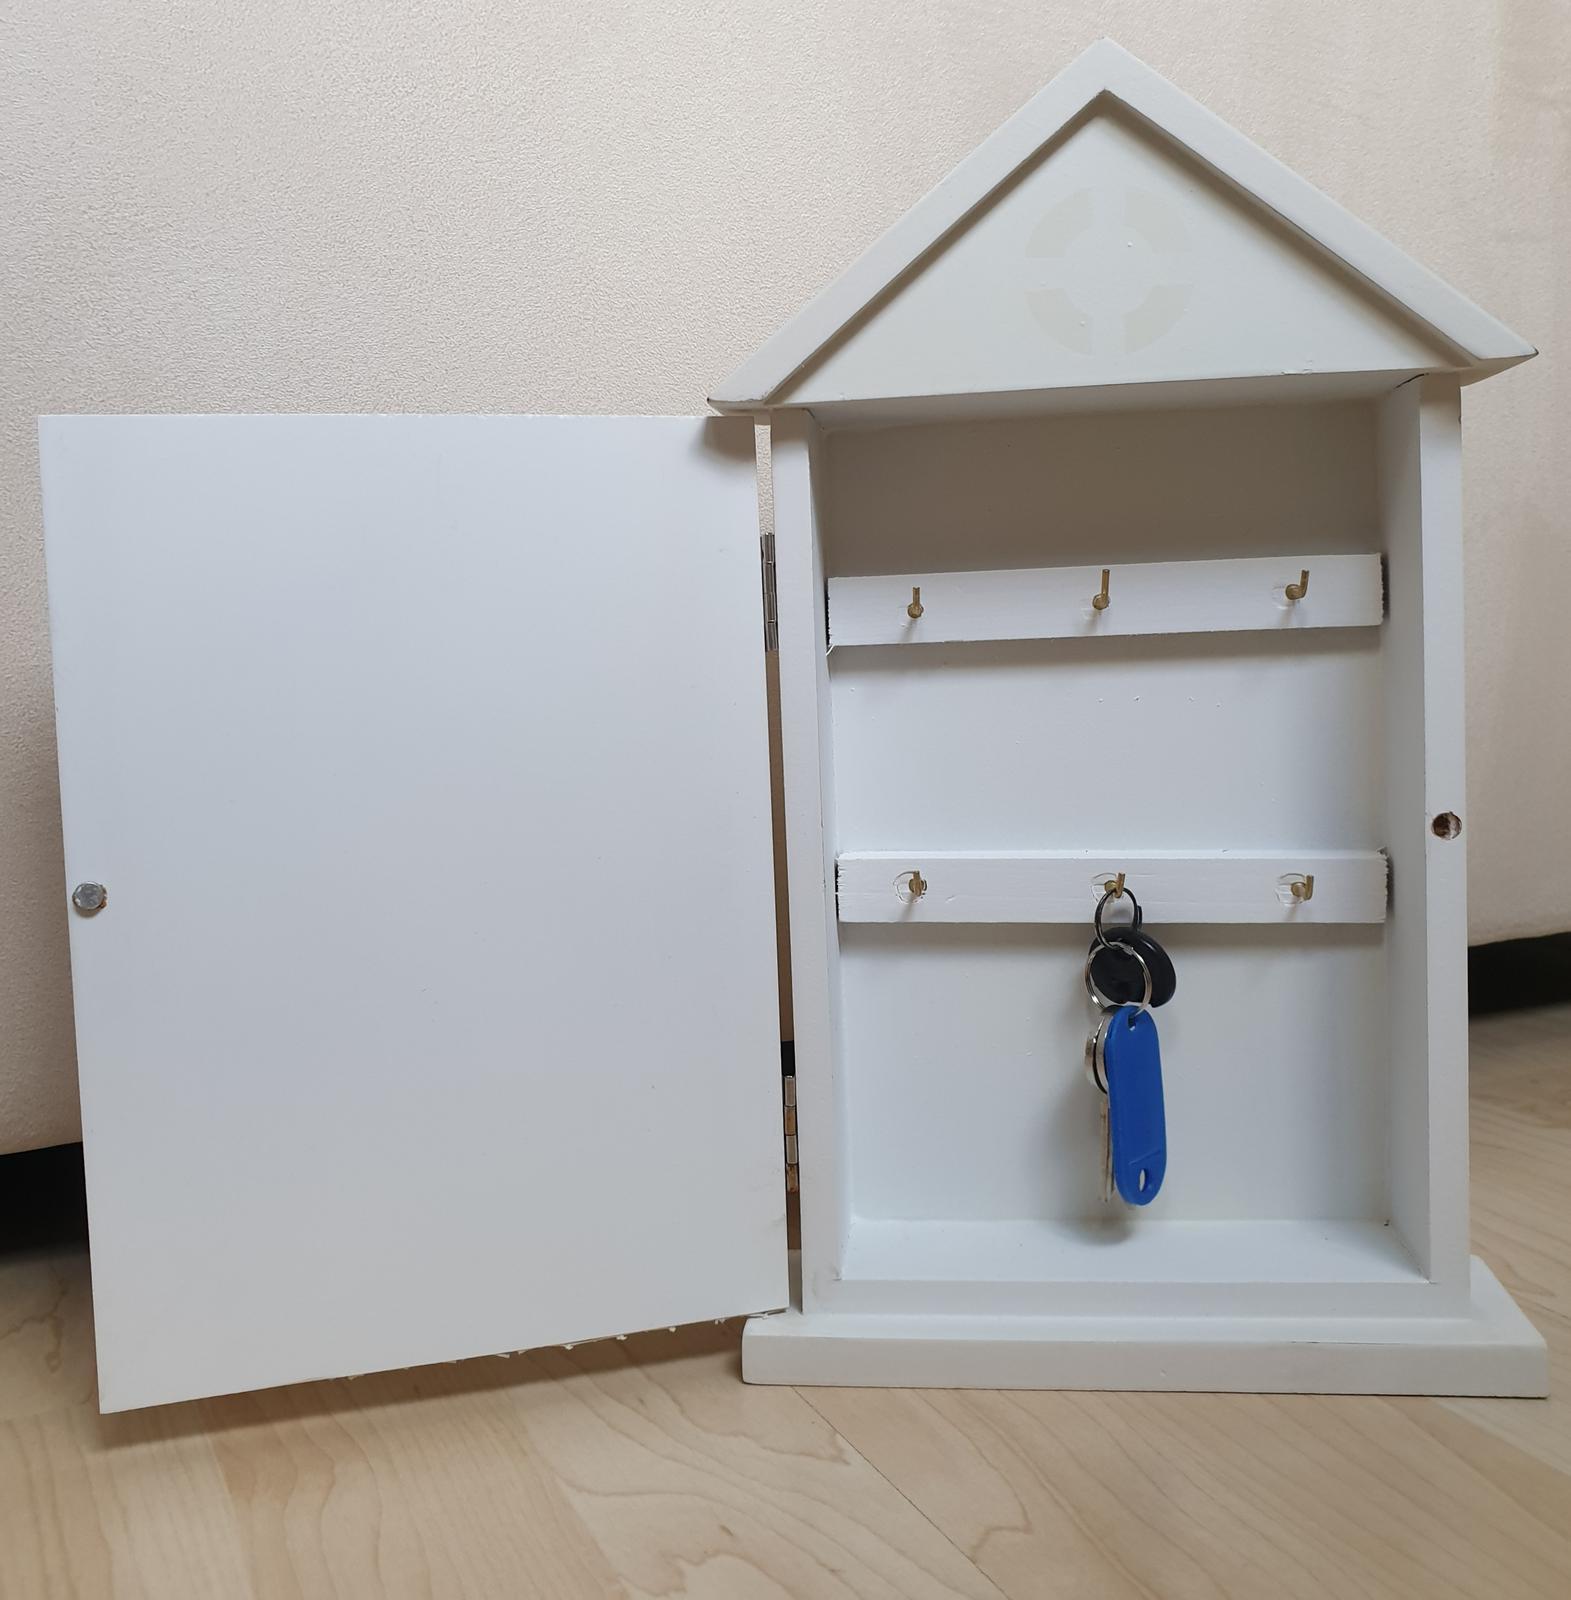 Drevená skrinka na klúče - Obrázok č. 2